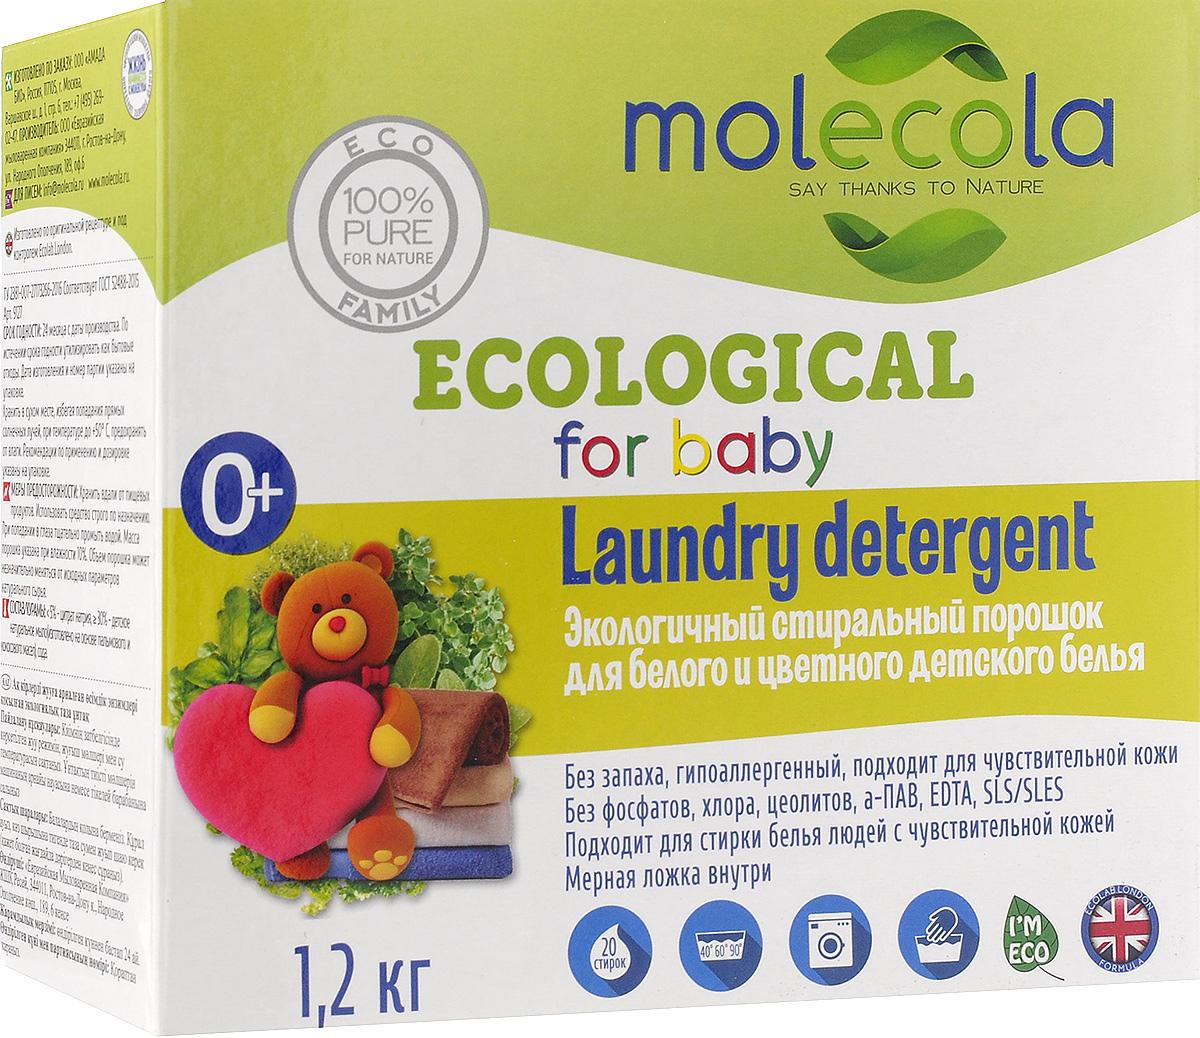 Стиральный порошок Molecola, для белого и цветного детского белья, 1,2 кг9127Порошок Molecola мягко отстирывает и освежает детское белье и одежду для всех видов тканей, благодаря входящим в состав компонентам на растительной основе. Натуральное мыло эффективно устраняет свежие и стойкие загрязнения, способствует естественному отбеливанию. Сода активирует и усиливает моющую способность компонентов, поэтому для достижения желаемого результата при стирке требуется меньшее количество средства. Цитрат натрия смягчает воду и защищает стиральную машину машину от образования известкового налета. При соблюдении режима дозировки стиральный порошок быстро растворяется, легко и без остатка вымывается из ткани при полоскании. Благодаря деликатной формуле порошок помогает сохранить первоначальный вид детской одежды после многократных стирок. Экологичный стиральный порошок для детского белья Molecola является безопасный, как для детей с первых дней жизни, так и для окружающей среды: - порошок состоит из 100% натуральных компонентов, - средство не содержит...